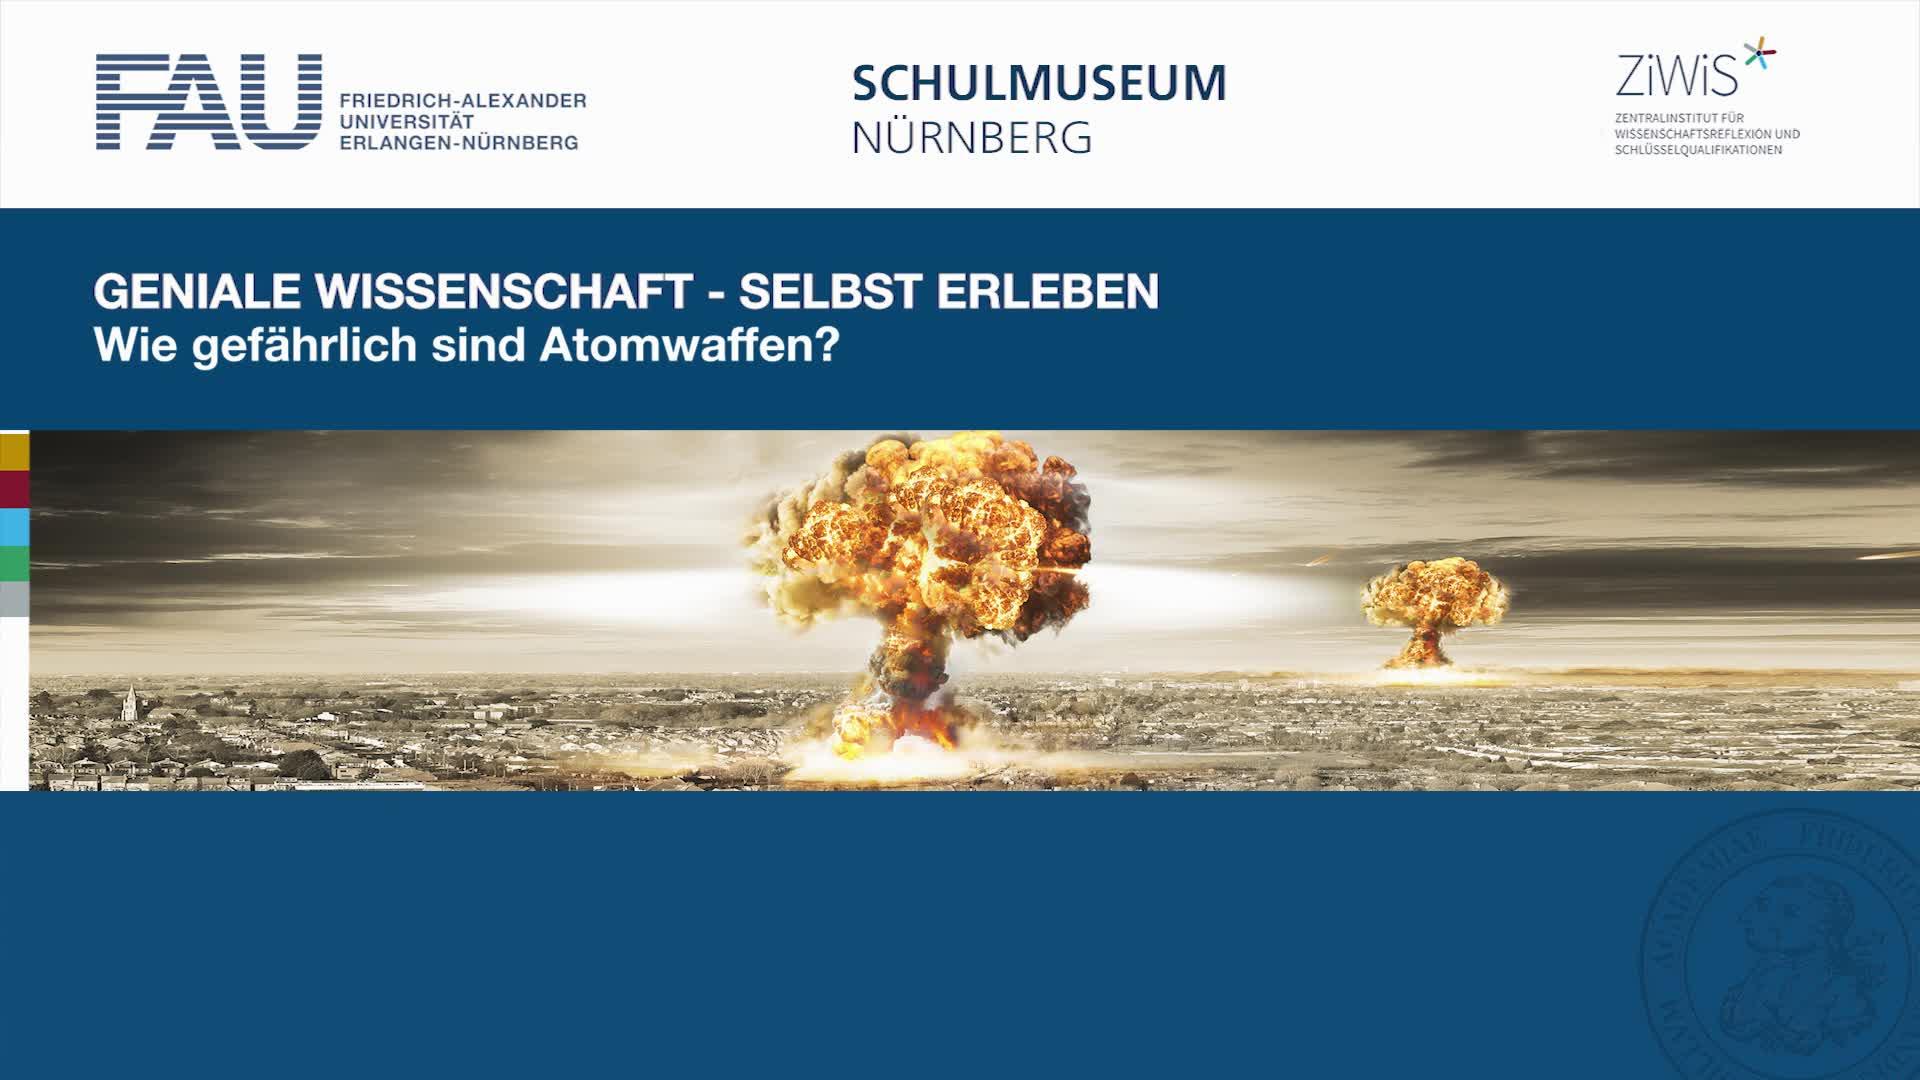 Wie gefaehrlich sind Atomwaffen preview image